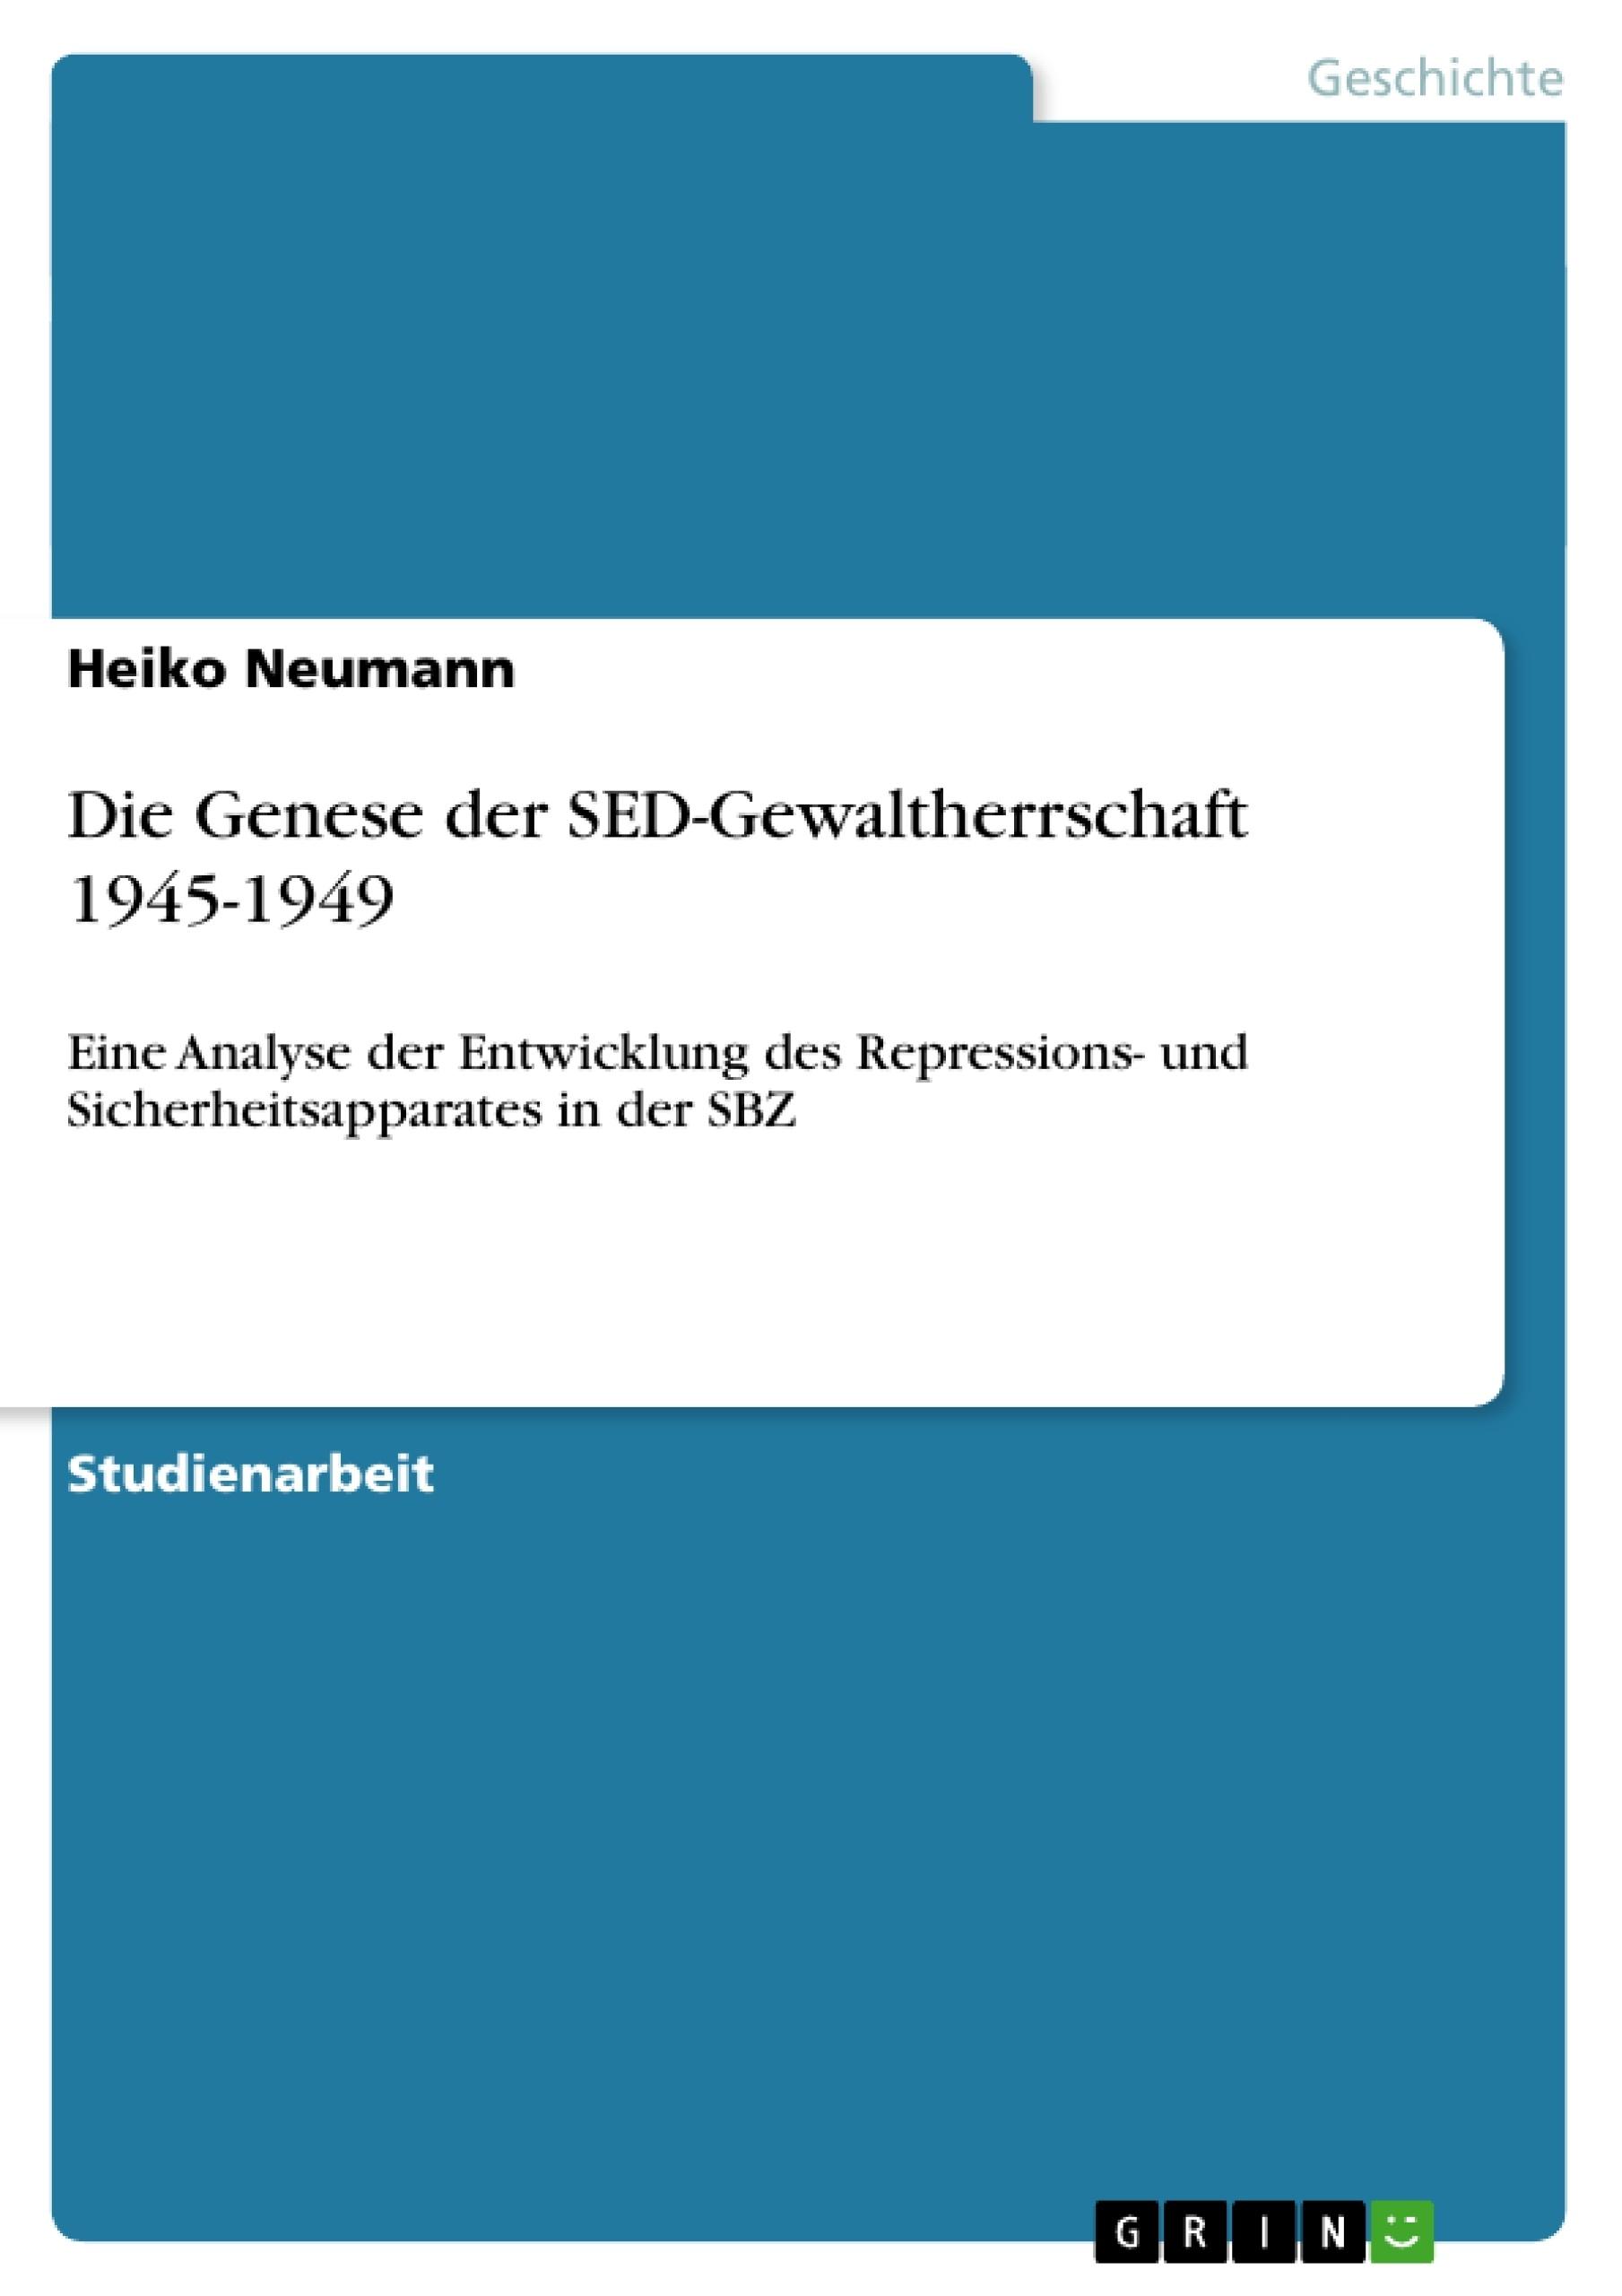 Titel: Die Genese der SED-Gewaltherrschaft 1945-1949